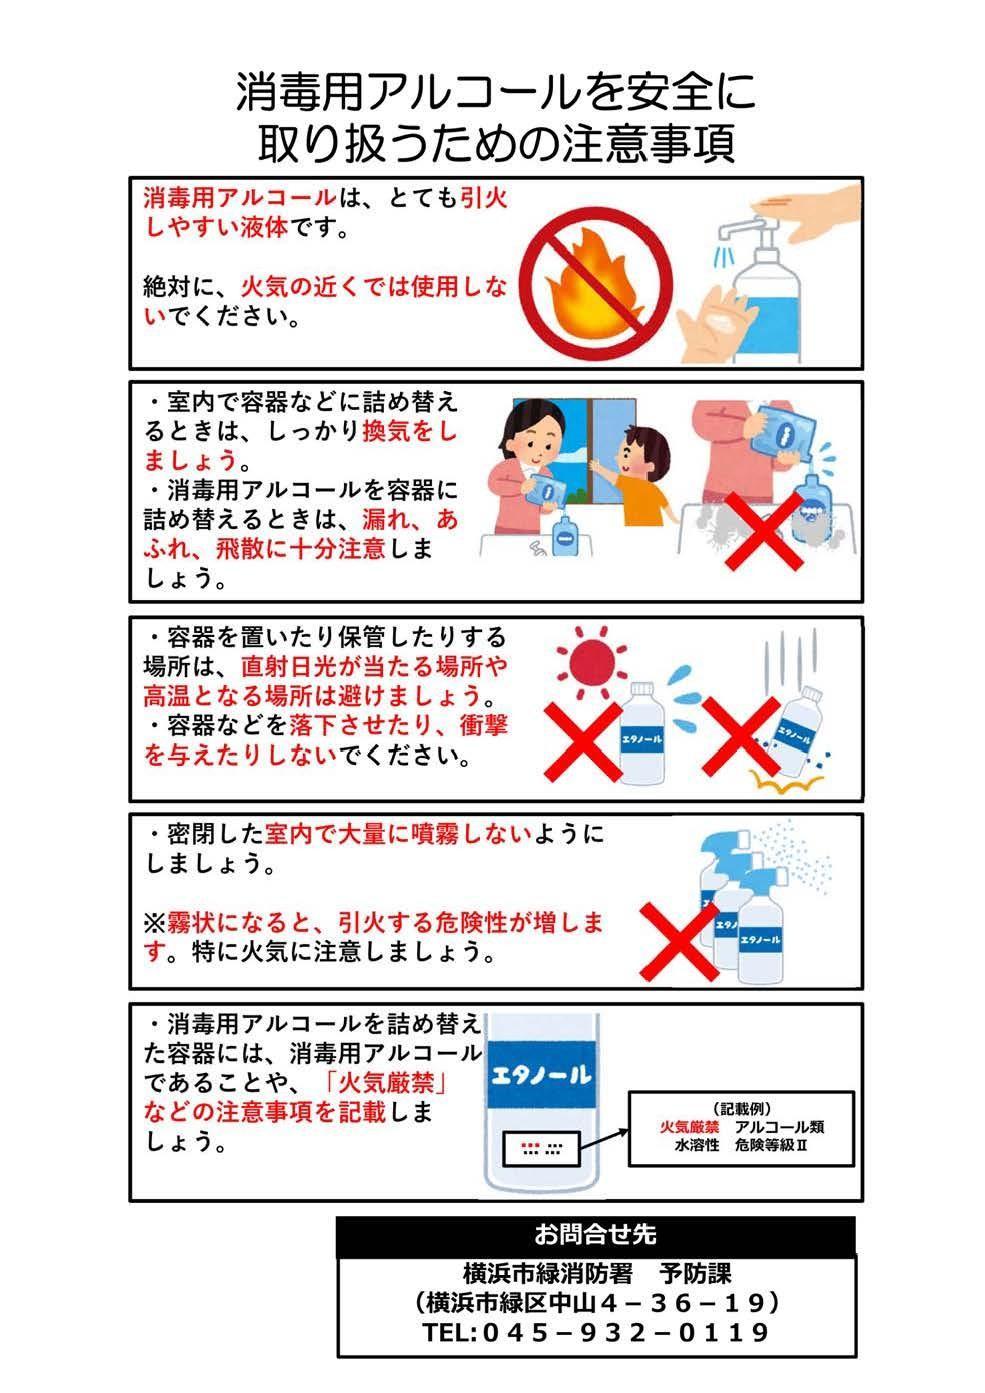 소독용 알코올을 안전하게 취급하기 위한 주의 사항의 포스터